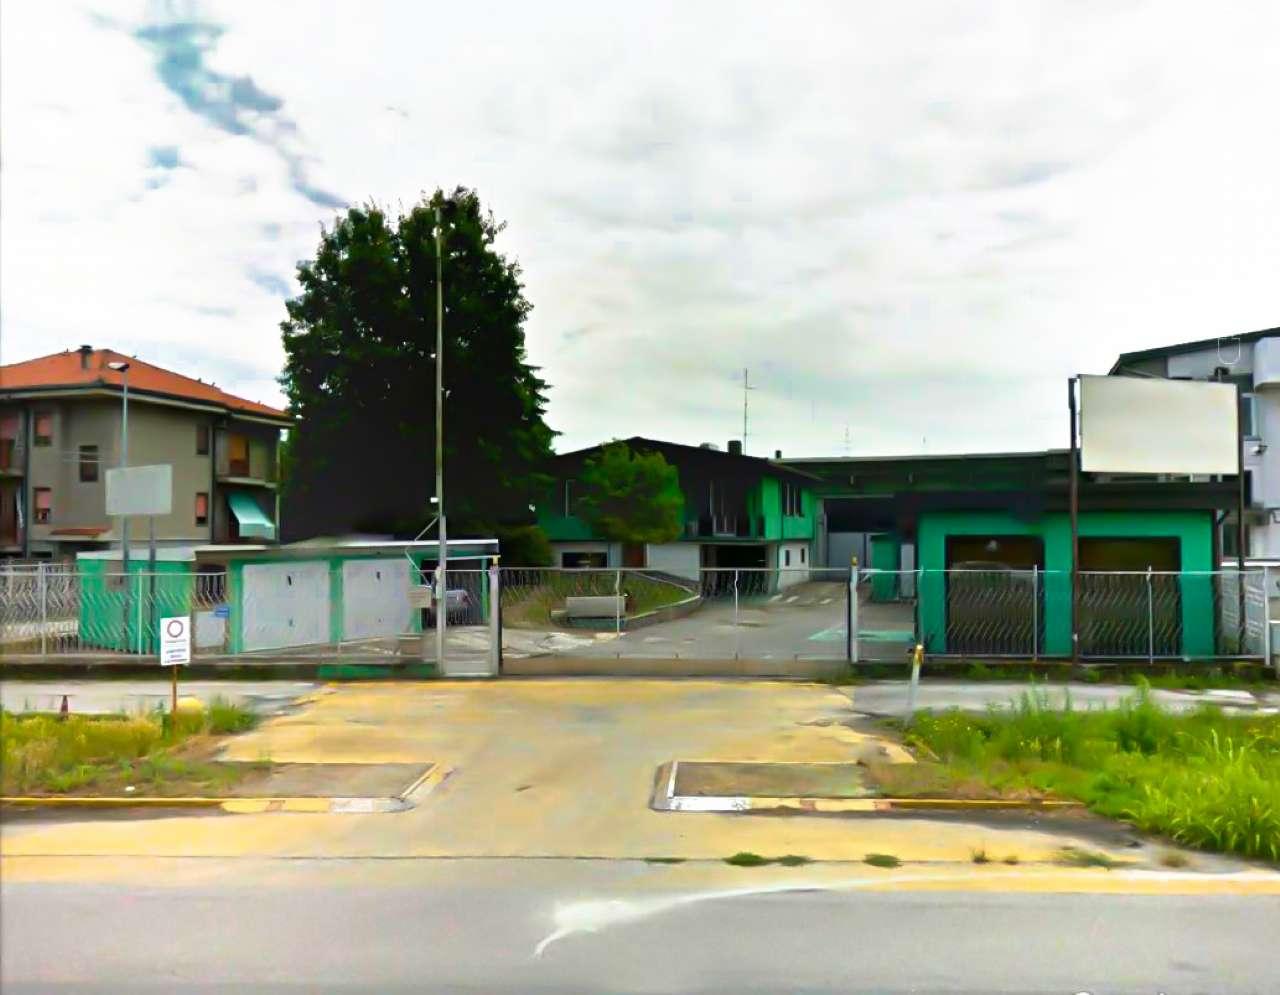 Capannone in vendita a Trecate, 1 locali, prezzo € 380.000 | CambioCasa.it